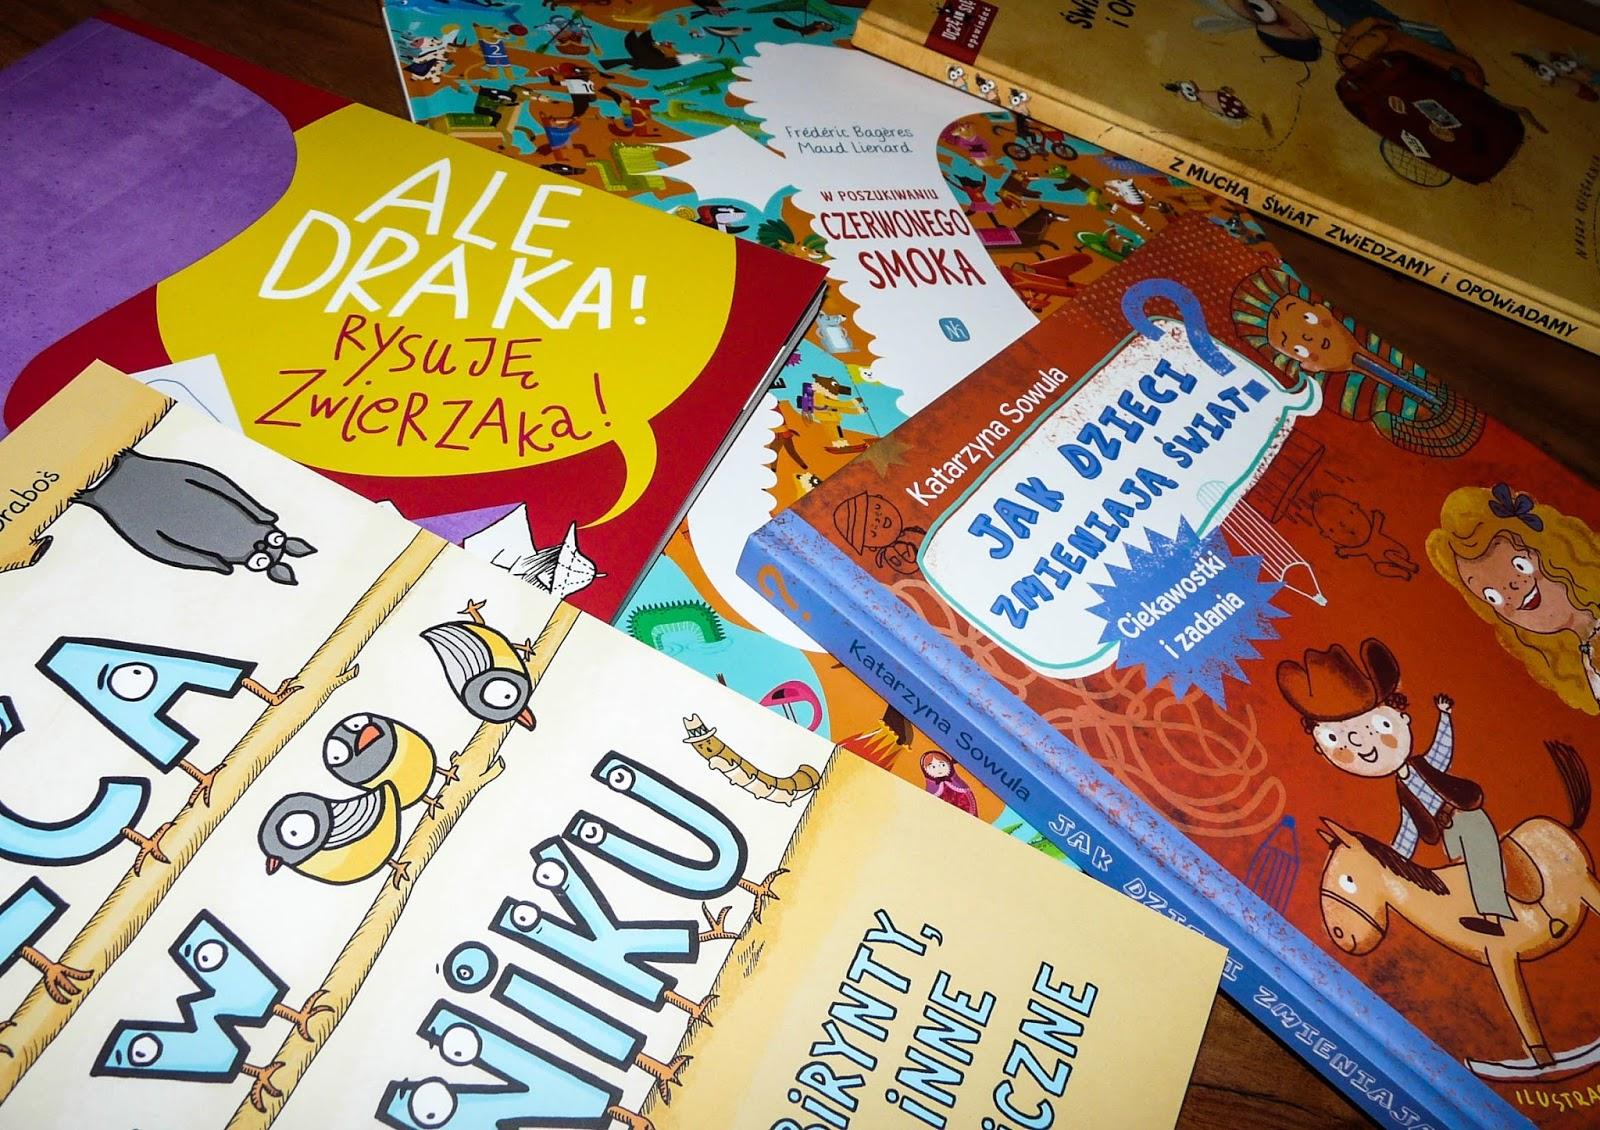 """Rysujemy, zgadujemy, wyszukujemy i opowiadamy, czyli książki """"aktywnościowe"""" dla dzieci"""